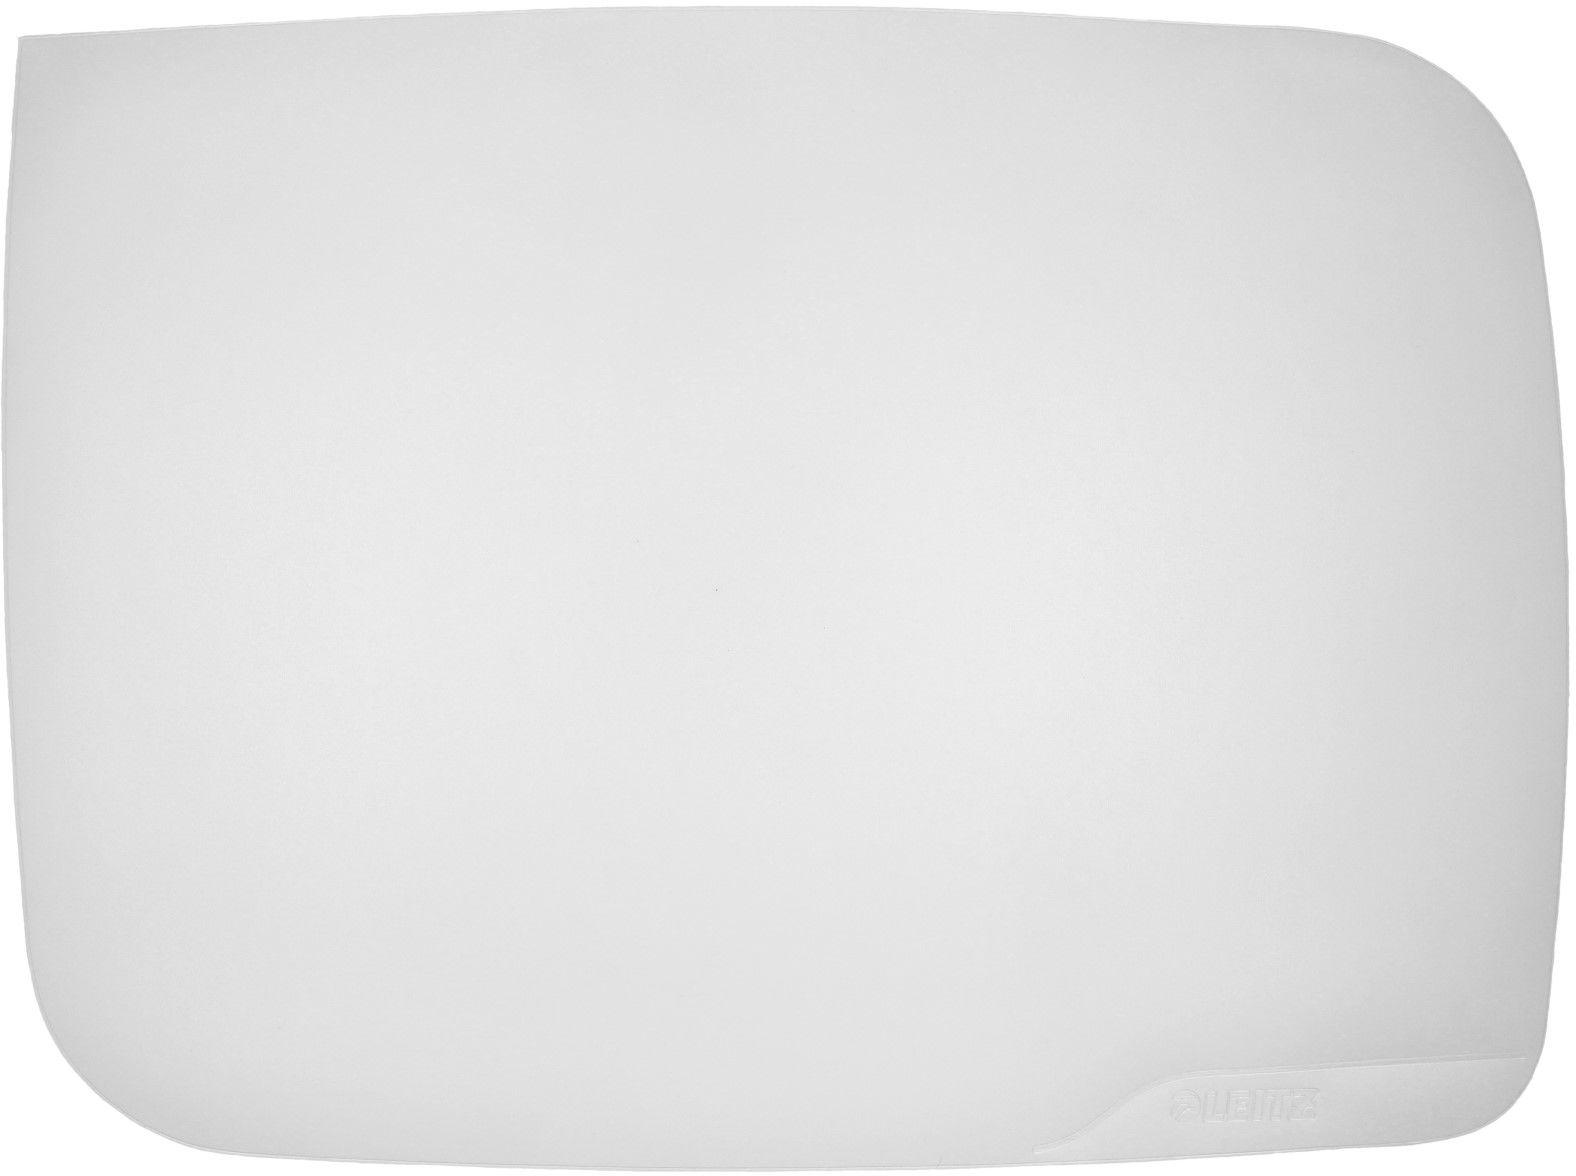 Mata biurko 400x530 przezroczysta matowa Leitz